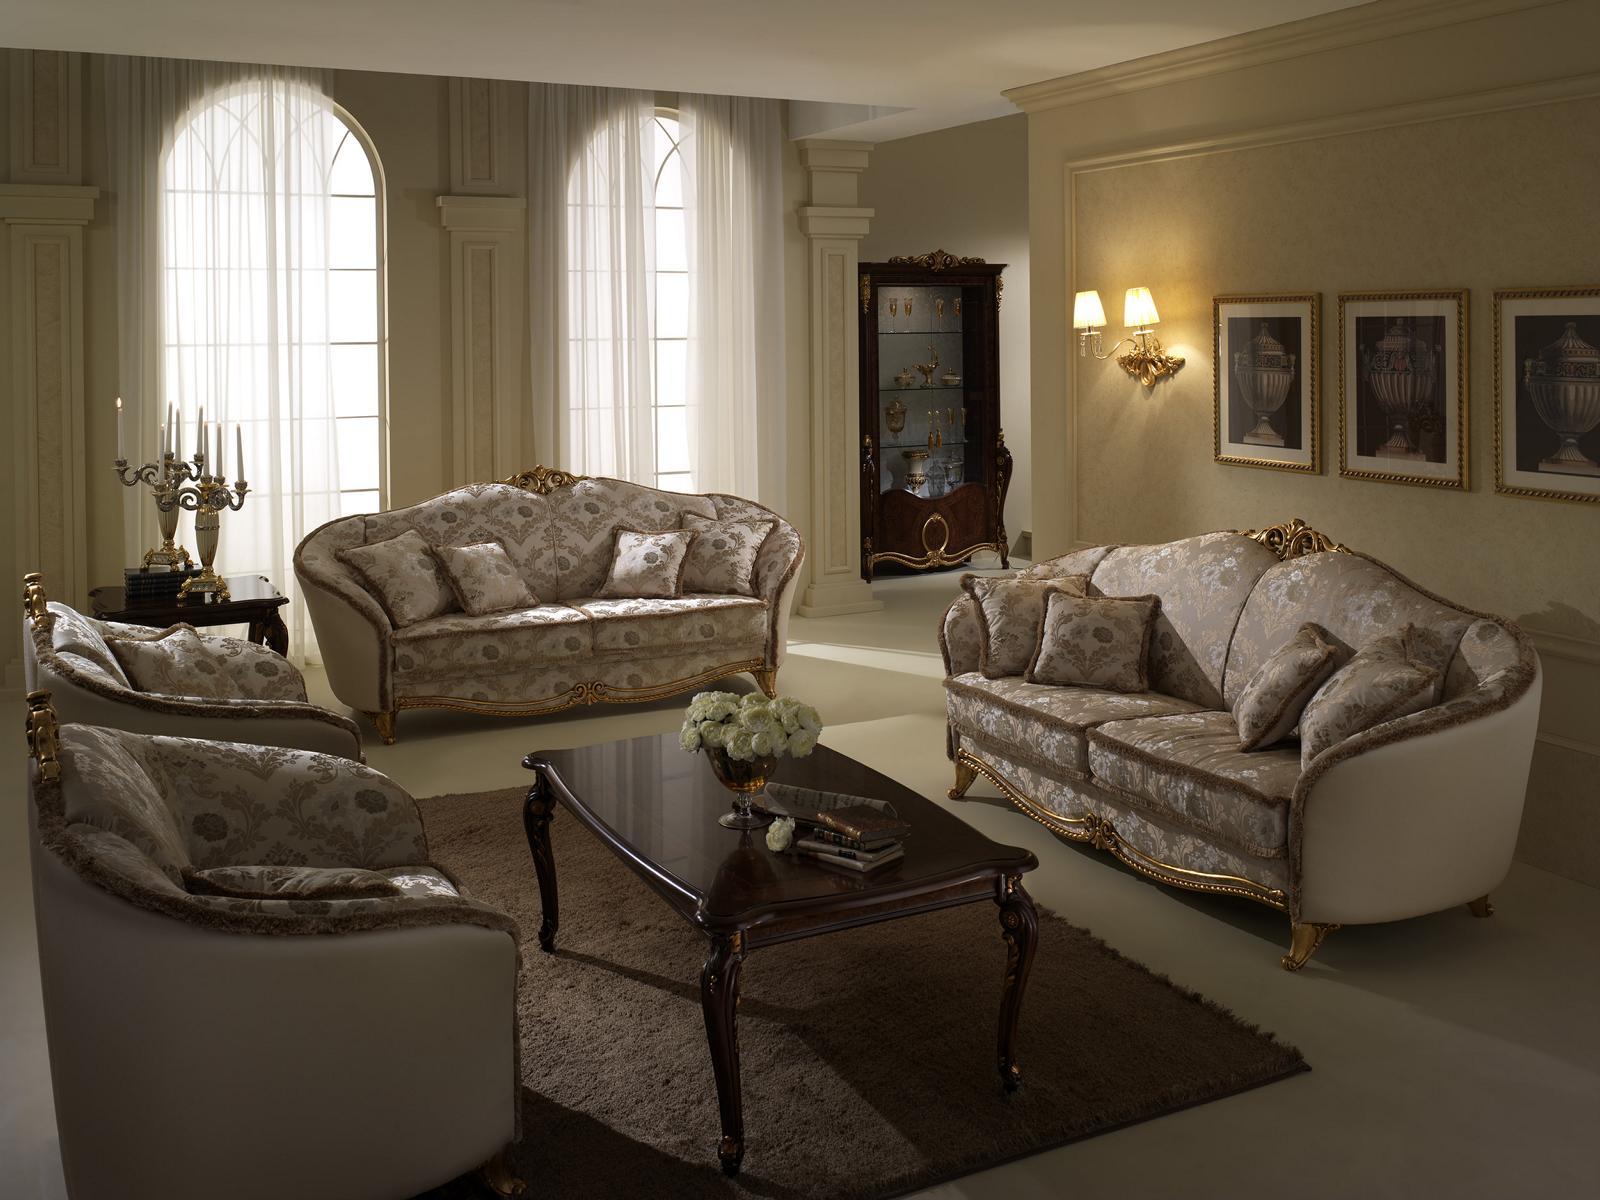 Luxus Klasse 3+1+1 Italienische Möbel Sofagarnitur Couch Sofa Neu arredoclassic™